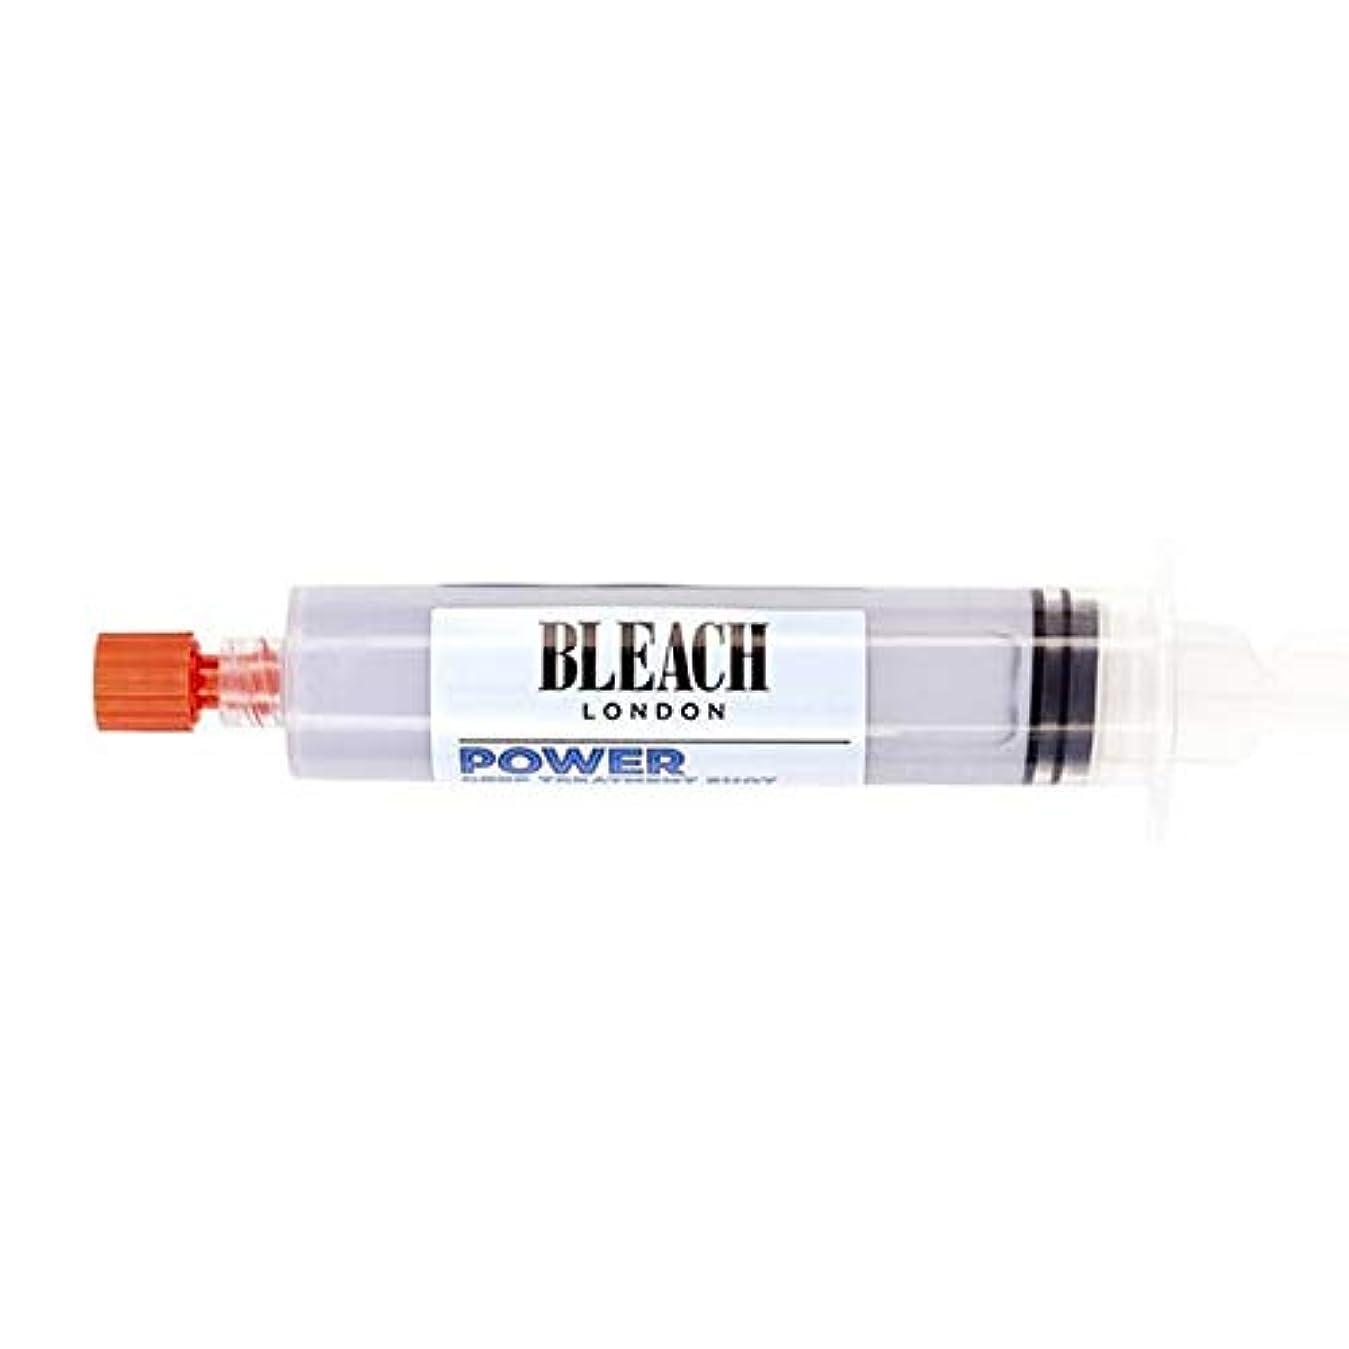 選出するスペア日の出[Bleach London ] 漂白ロンドン治療ショット - ディープパワー - Bleach London Treatment Shot - Power Deep [並行輸入品]